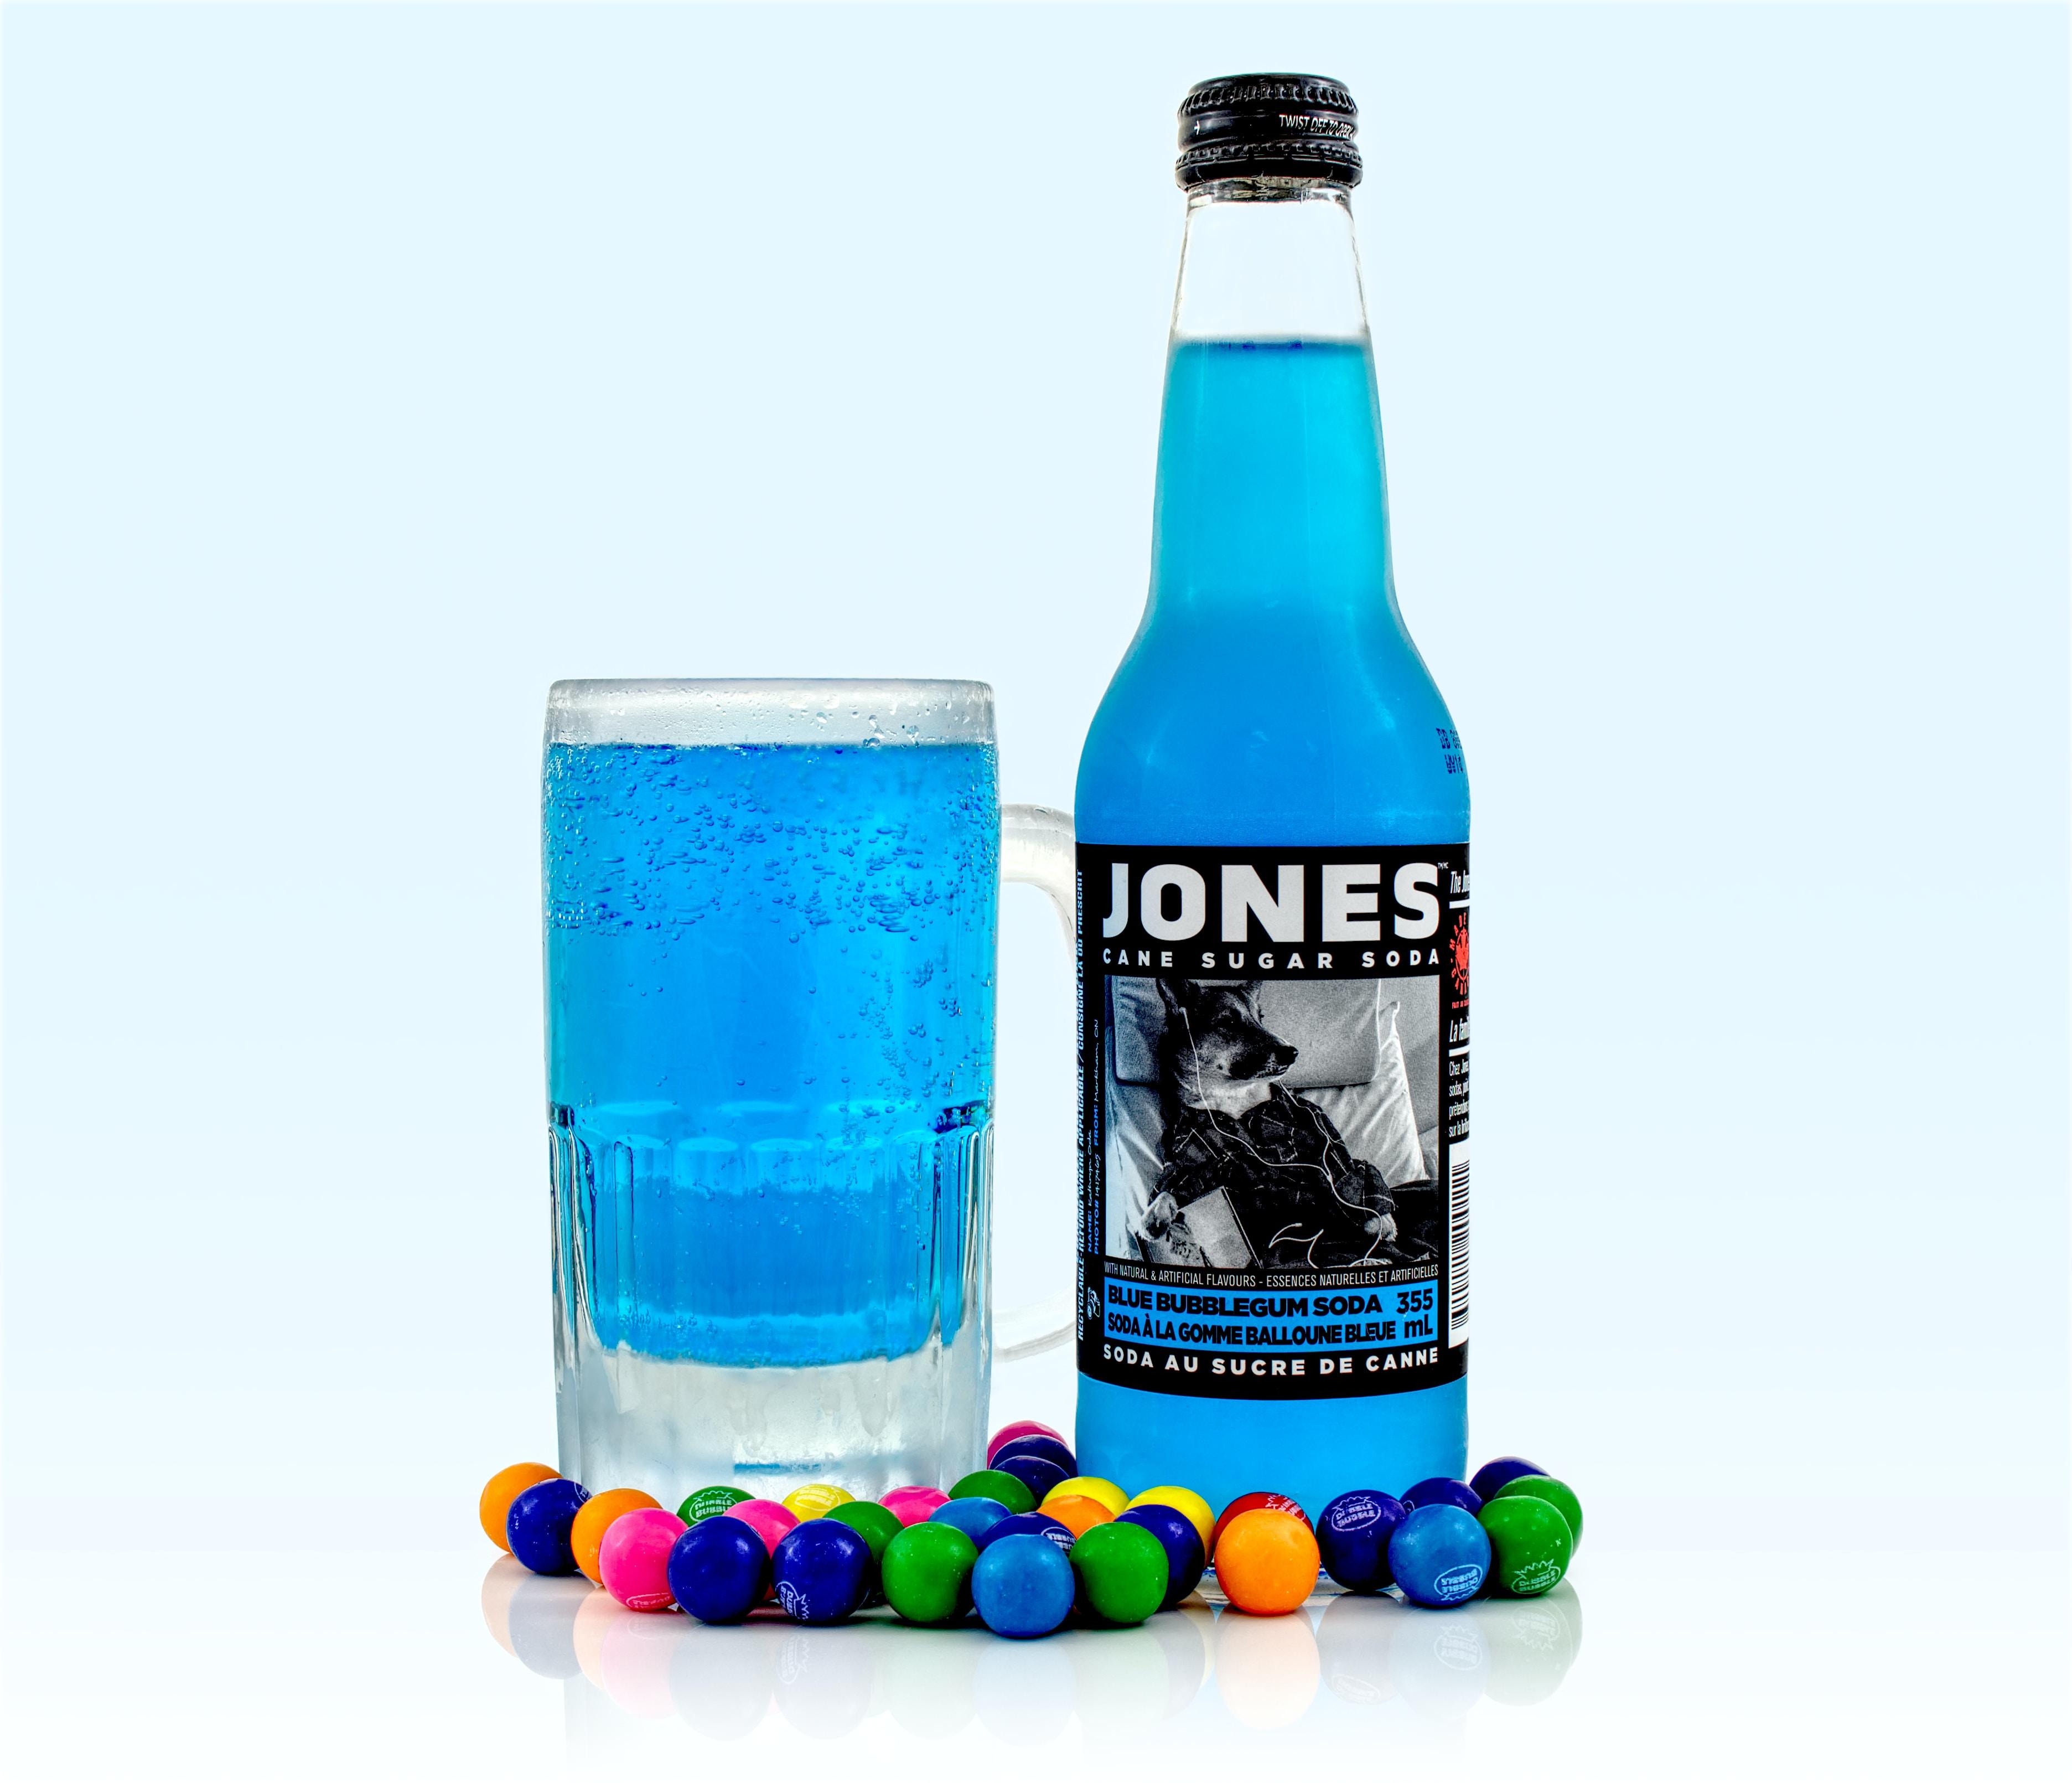 Jones liquor bottle beside glass